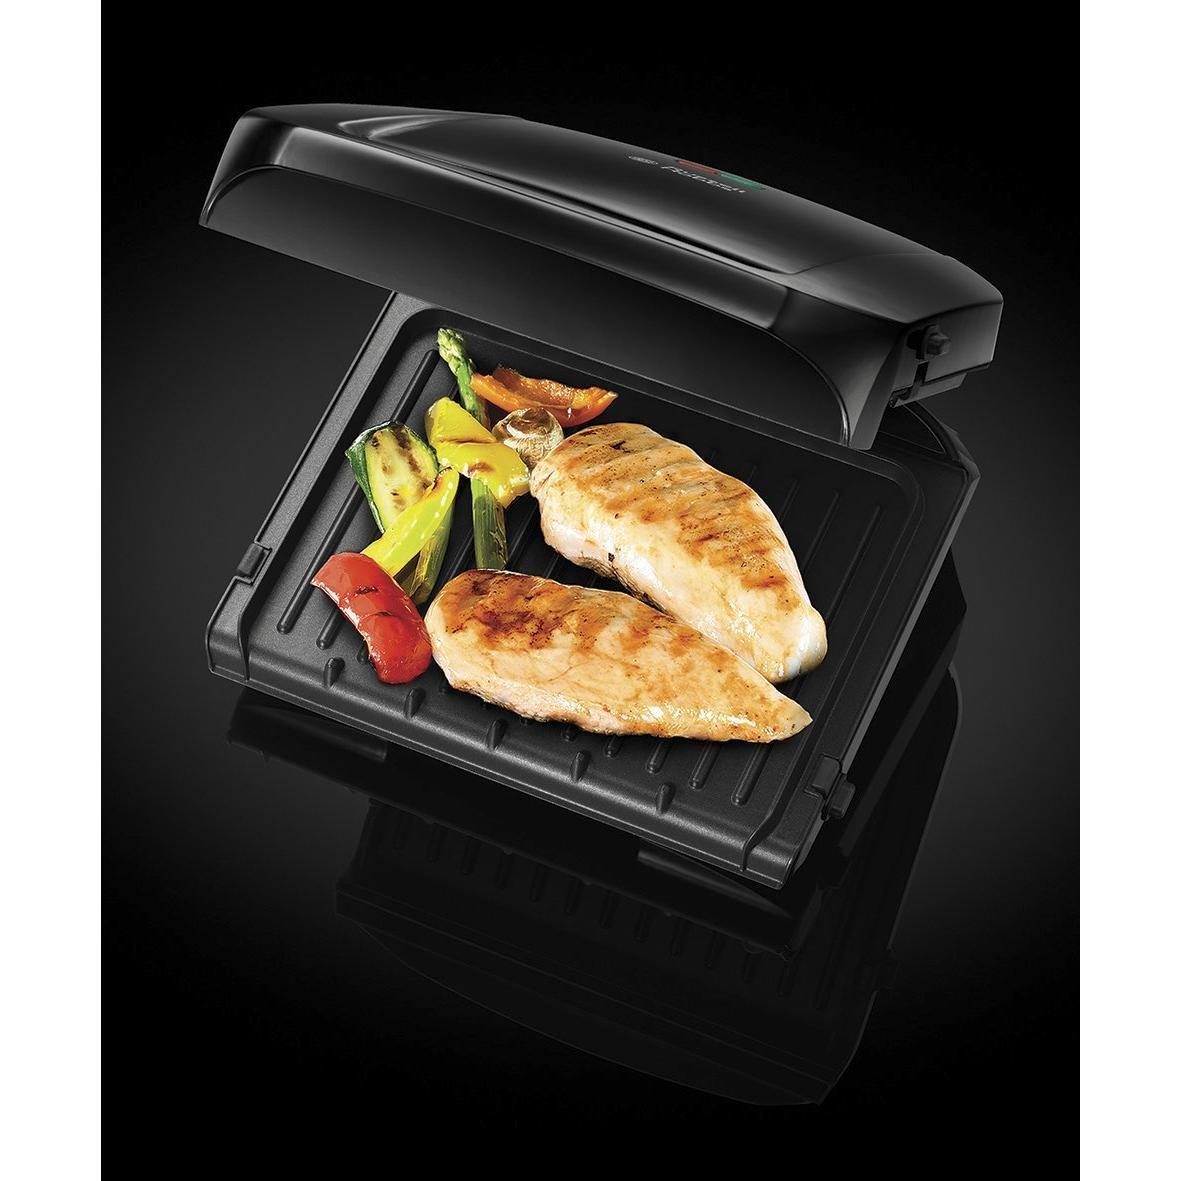 George Foreman - 20830 - Grill compact et réducteur de graisse 3 portions